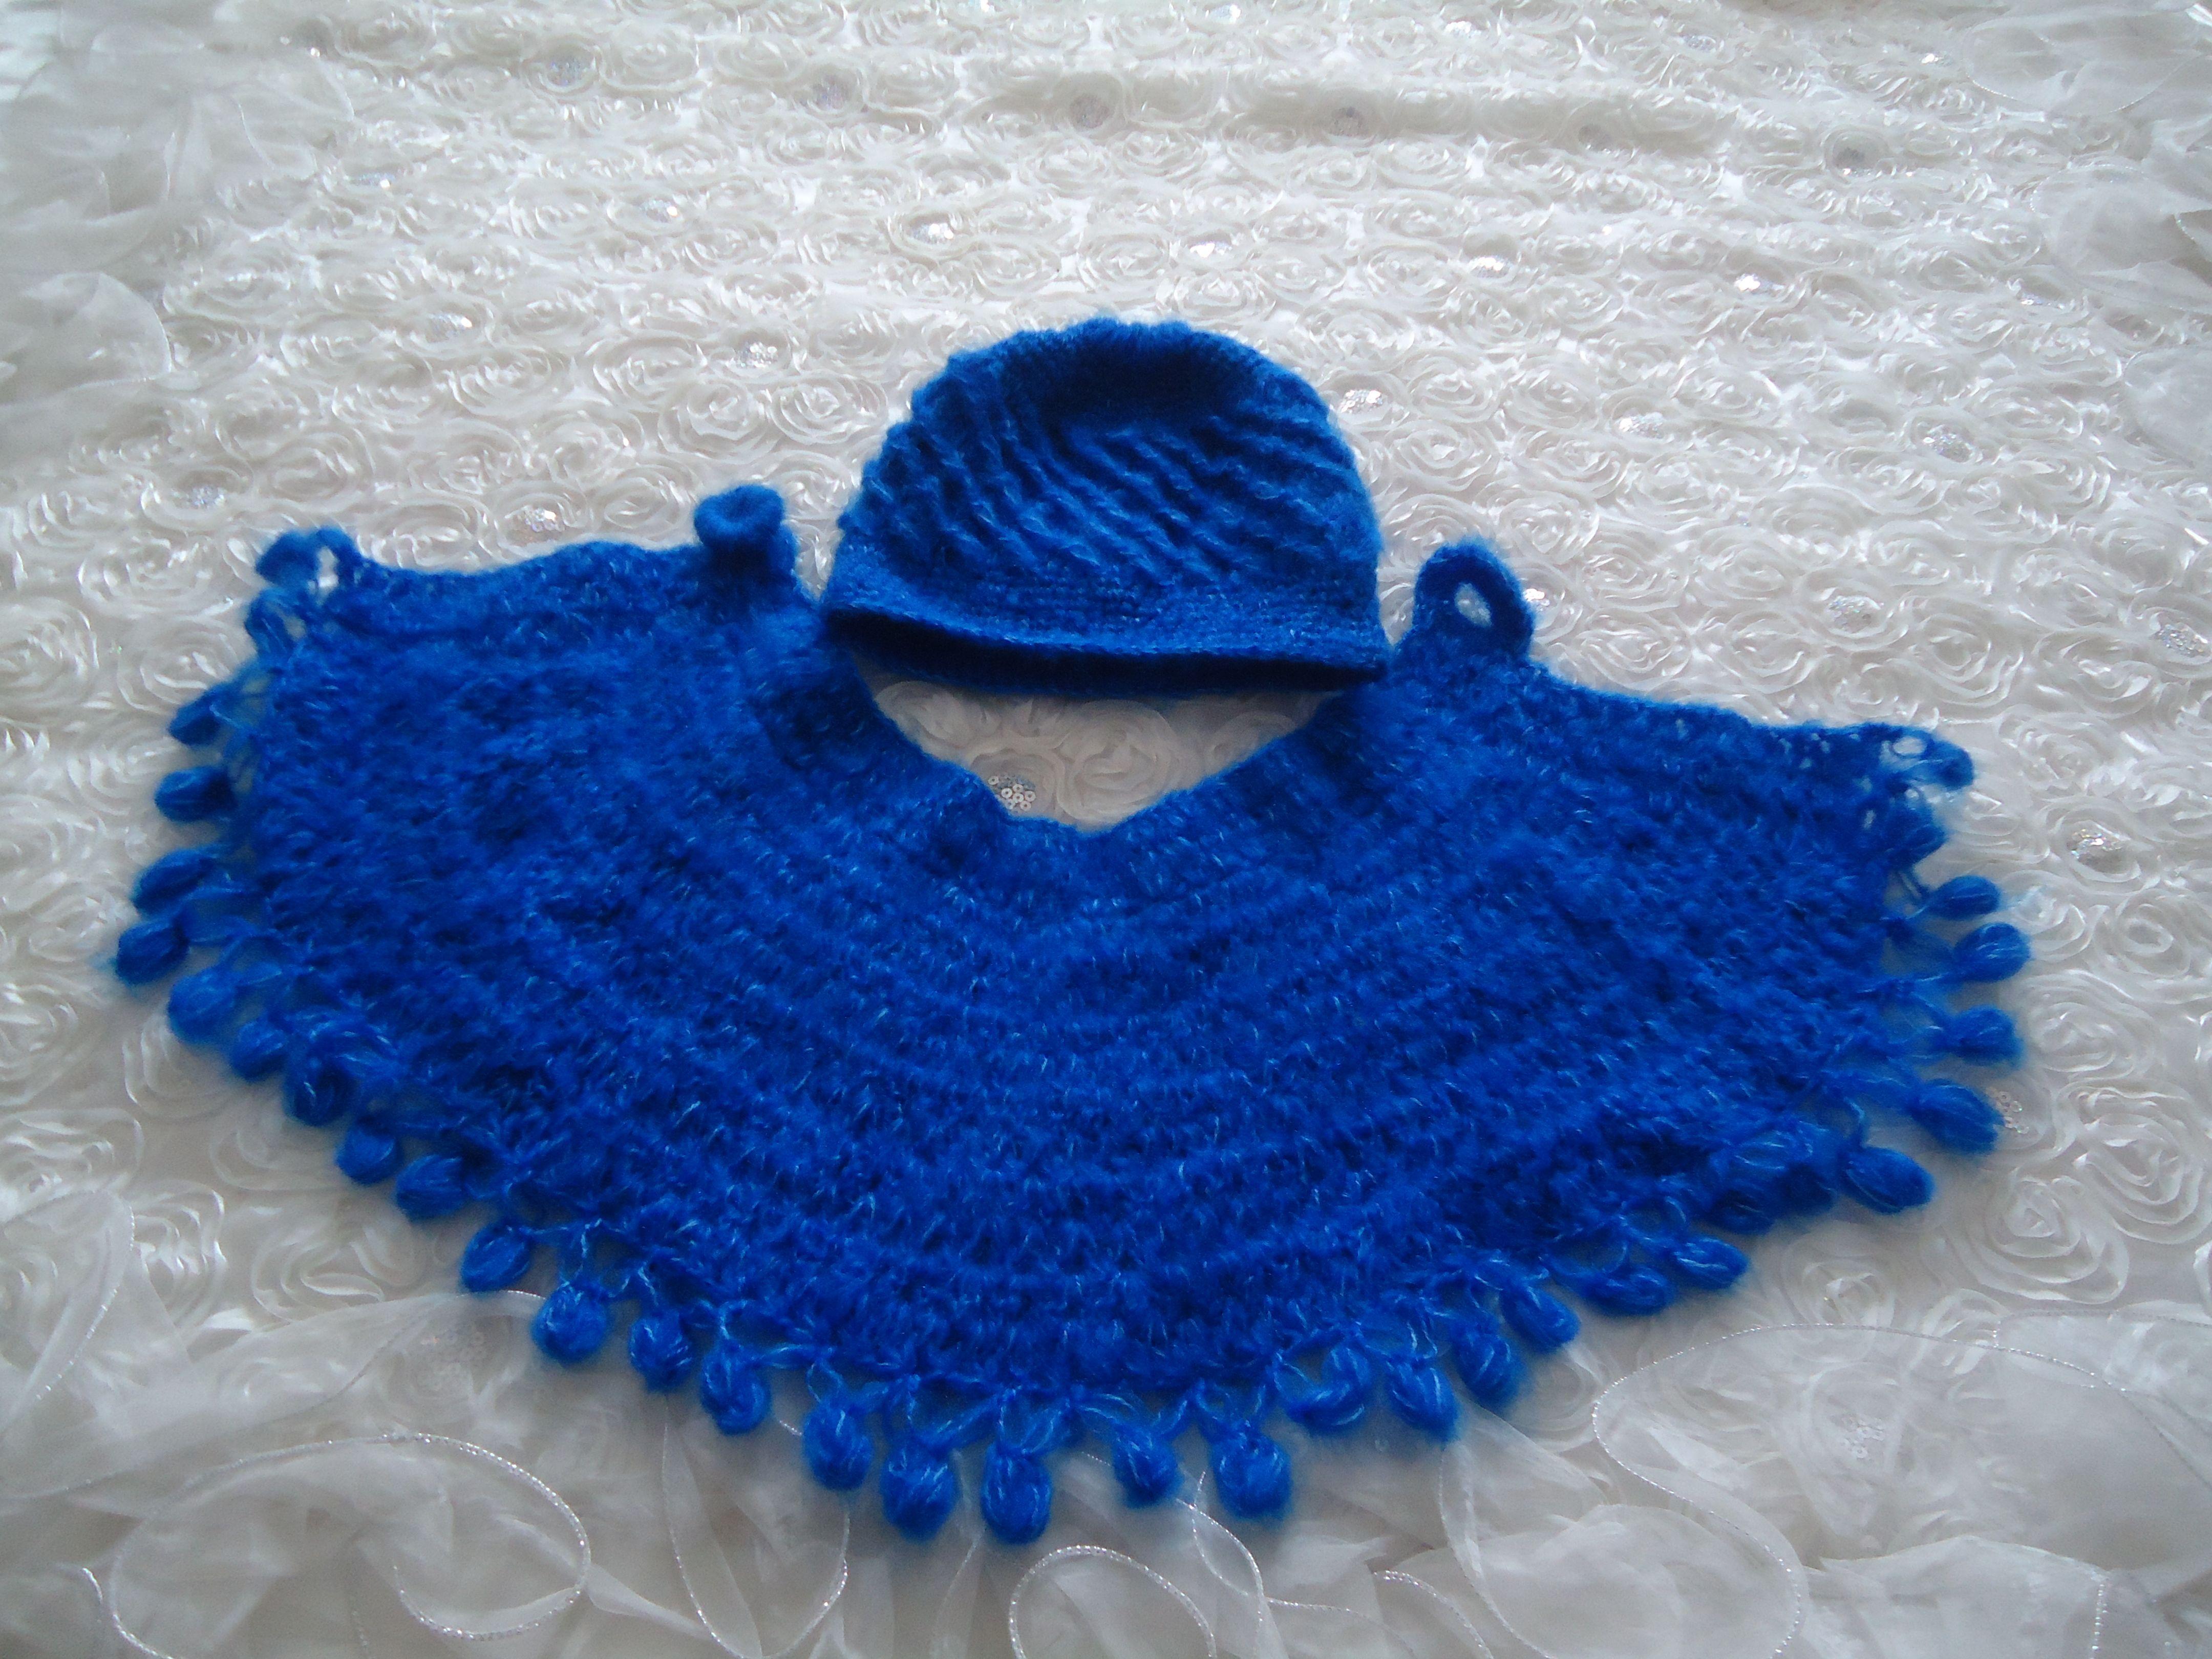 önü açık boyunluk modeli ve şapkası